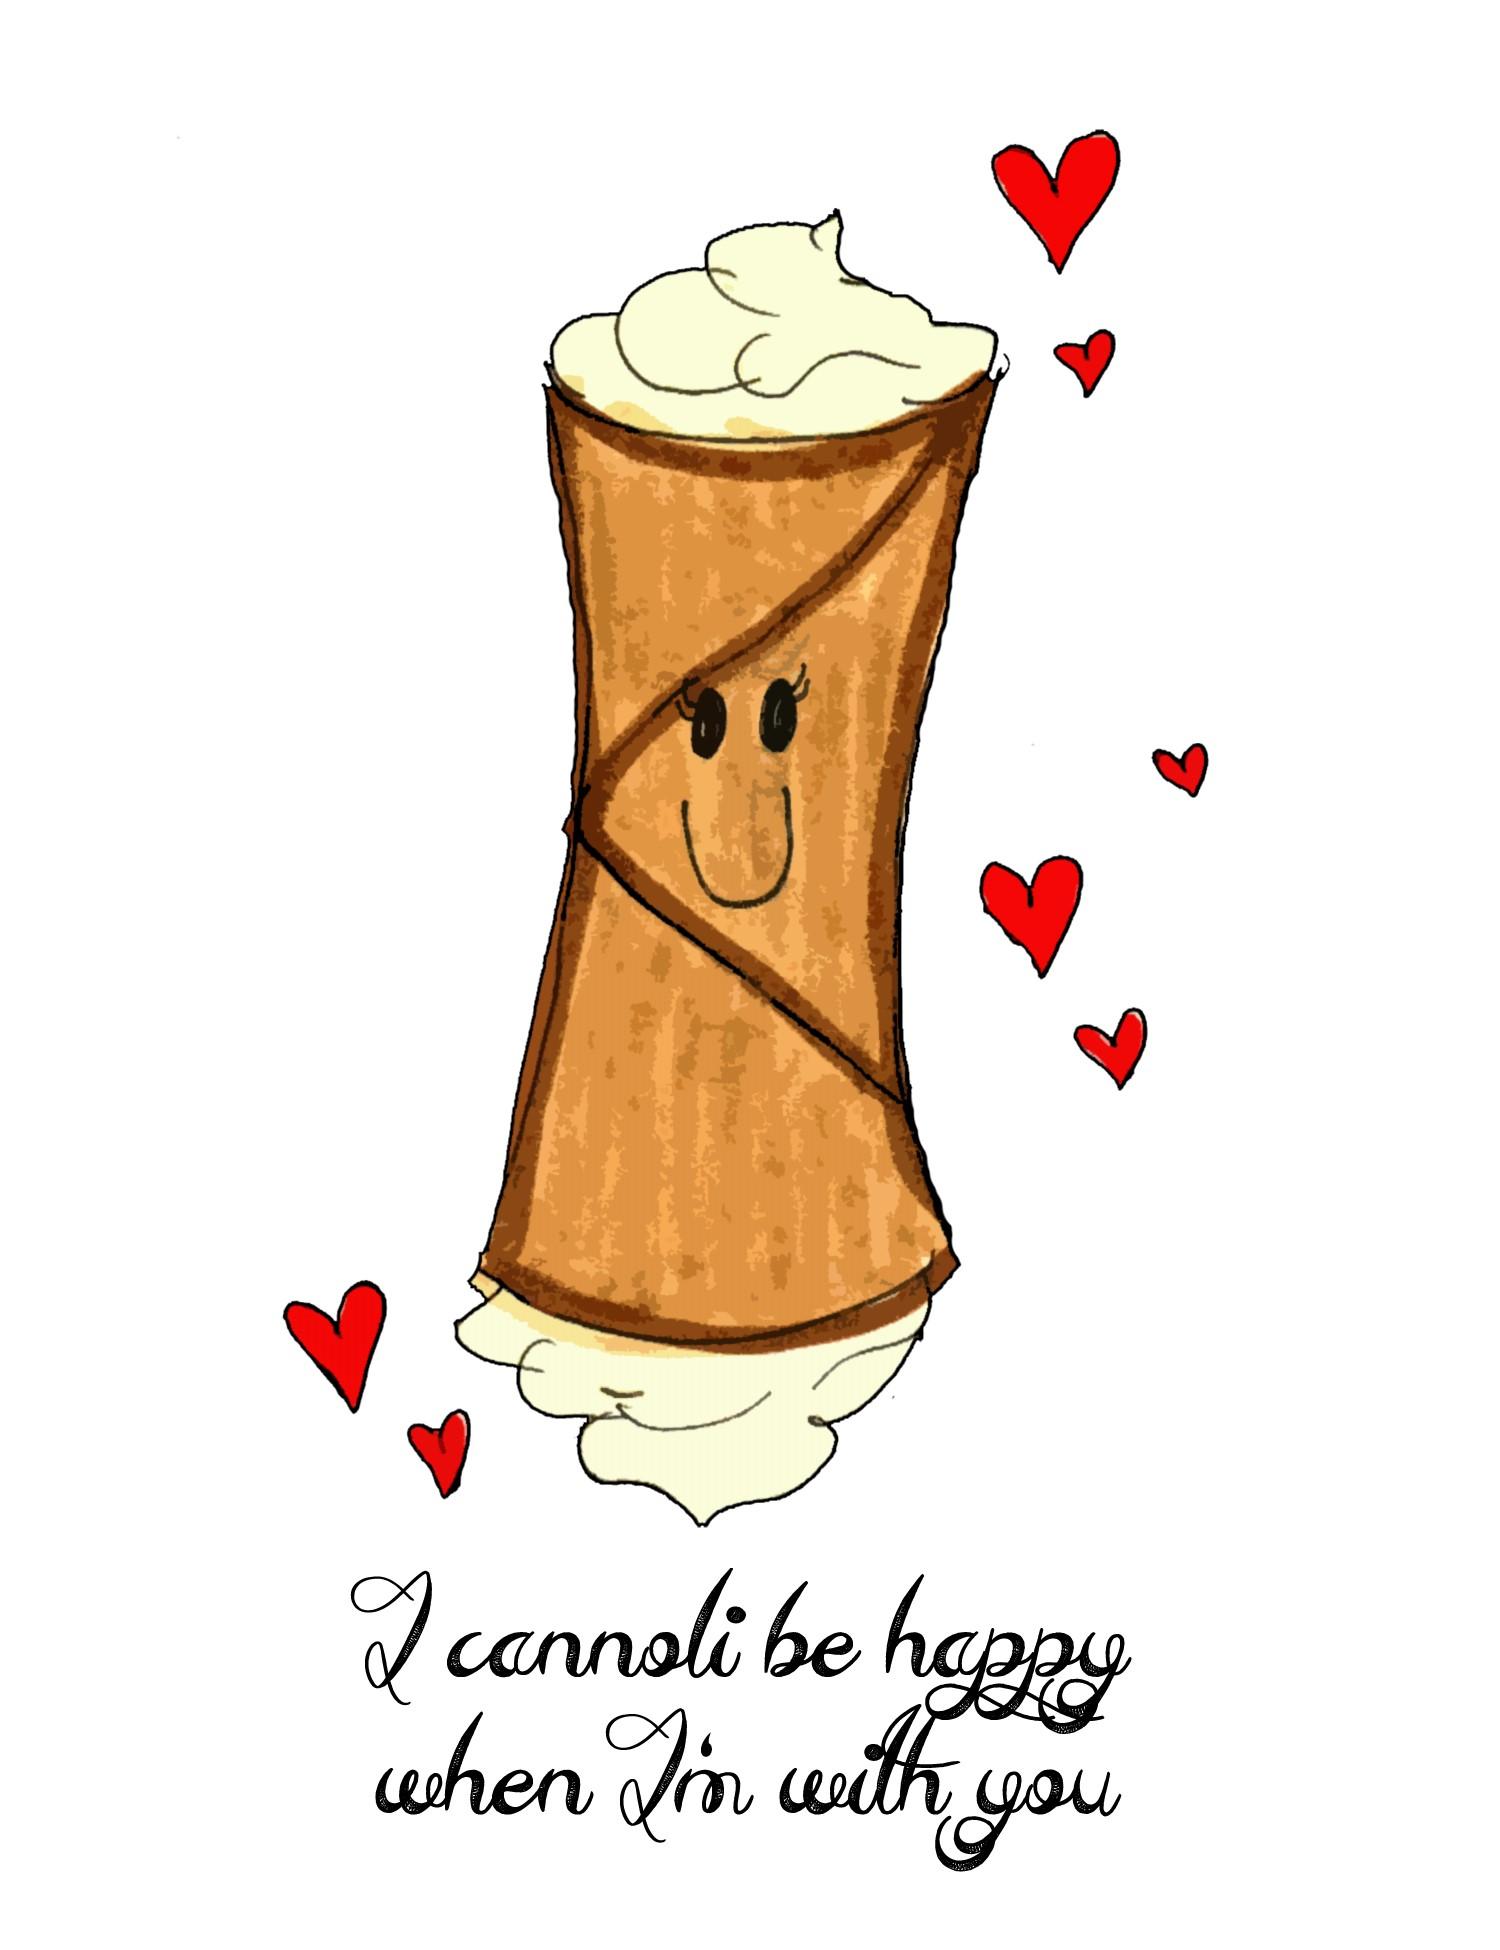 I cannoli be happy